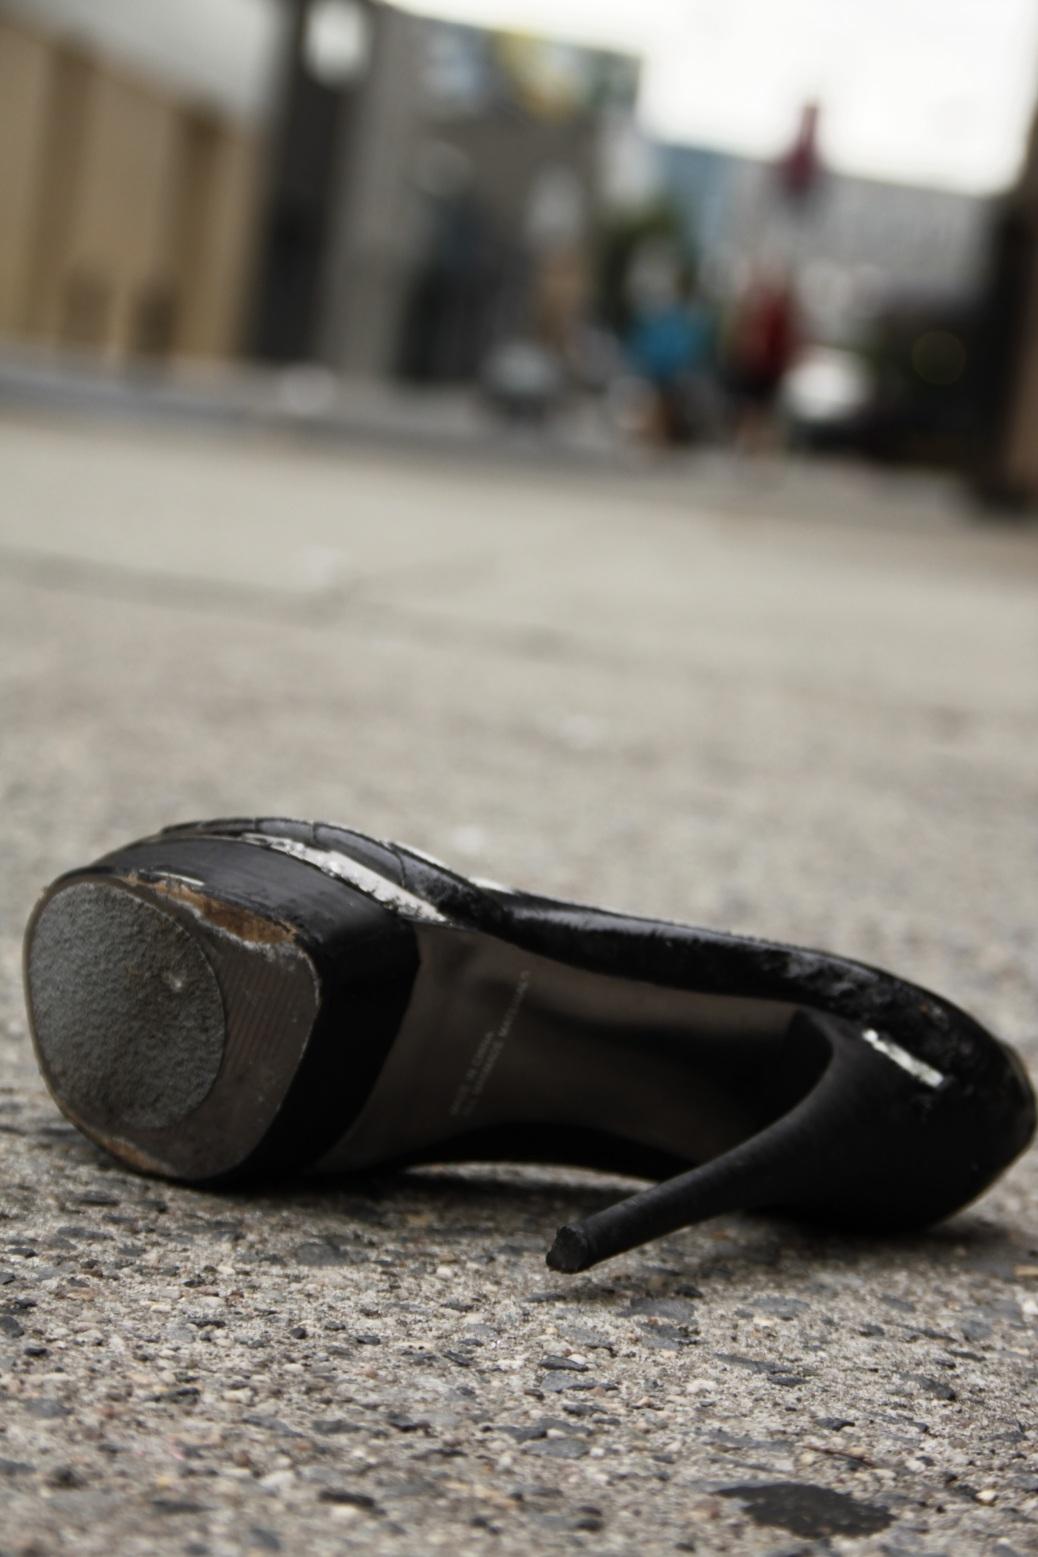 Froschperspektive Schuh des Aschenputtel in NY